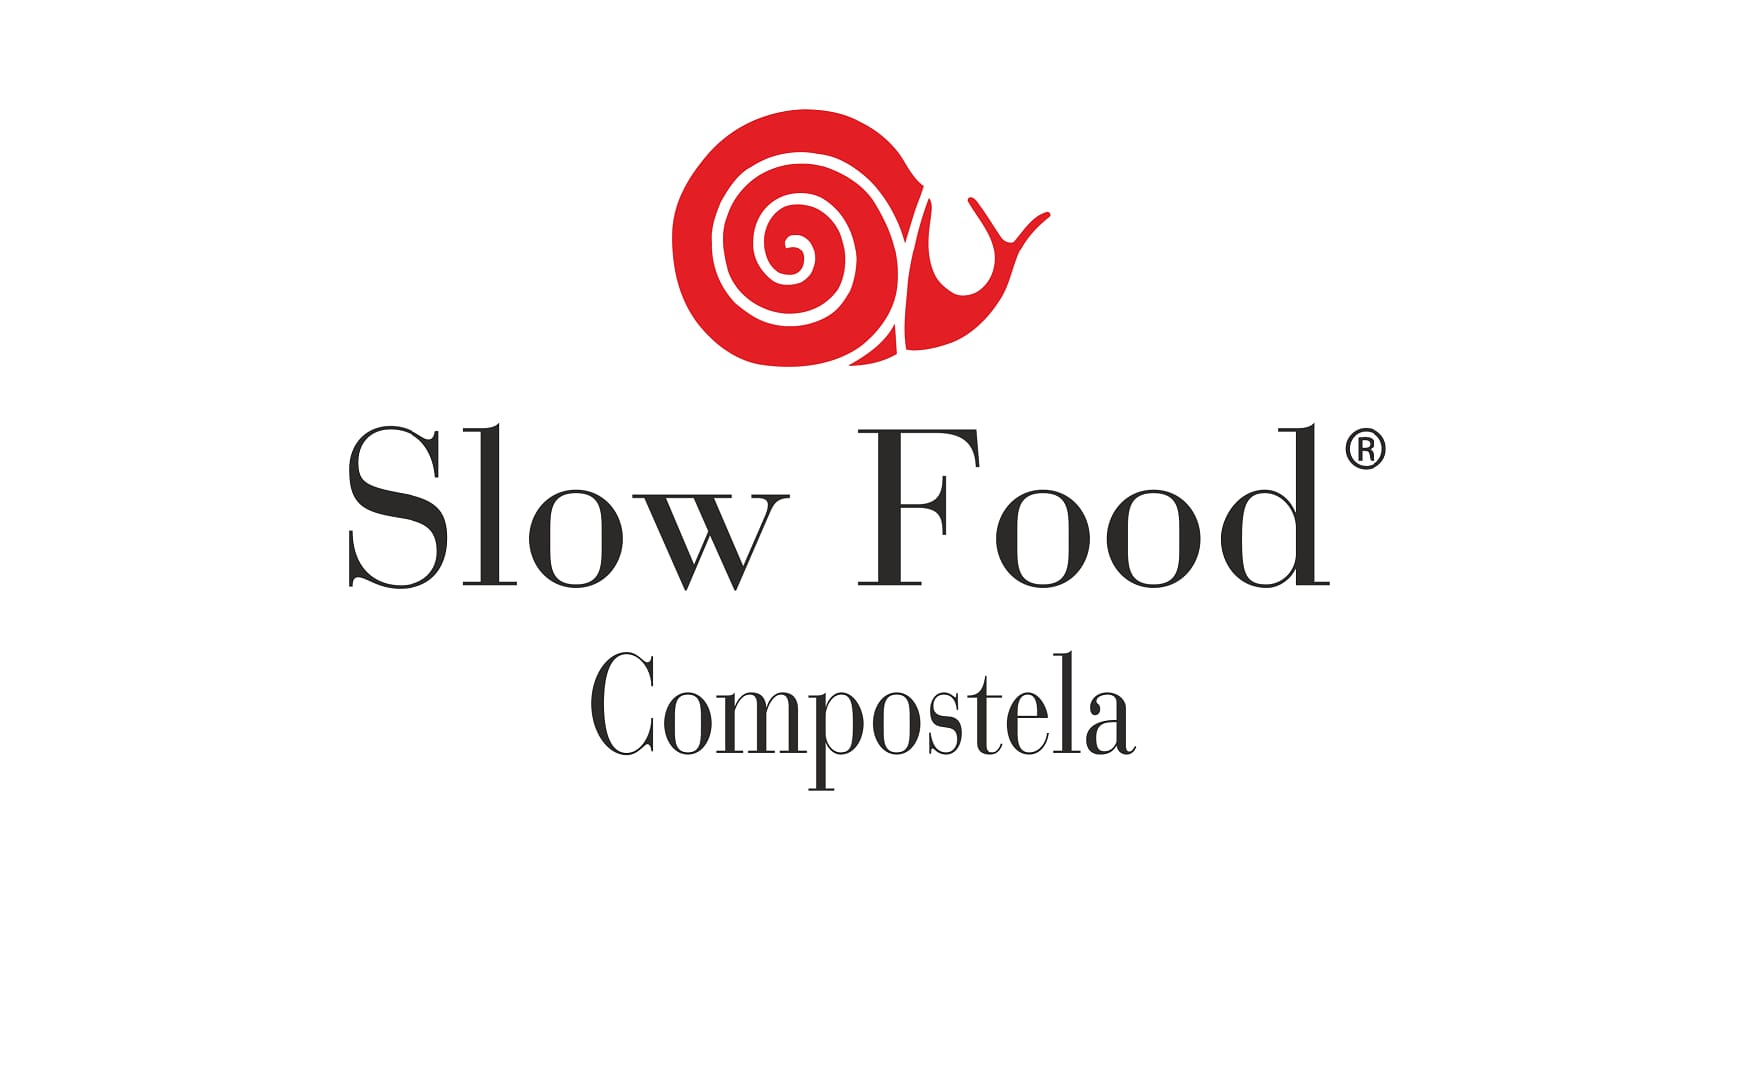 Slow food alimentacion sostenible